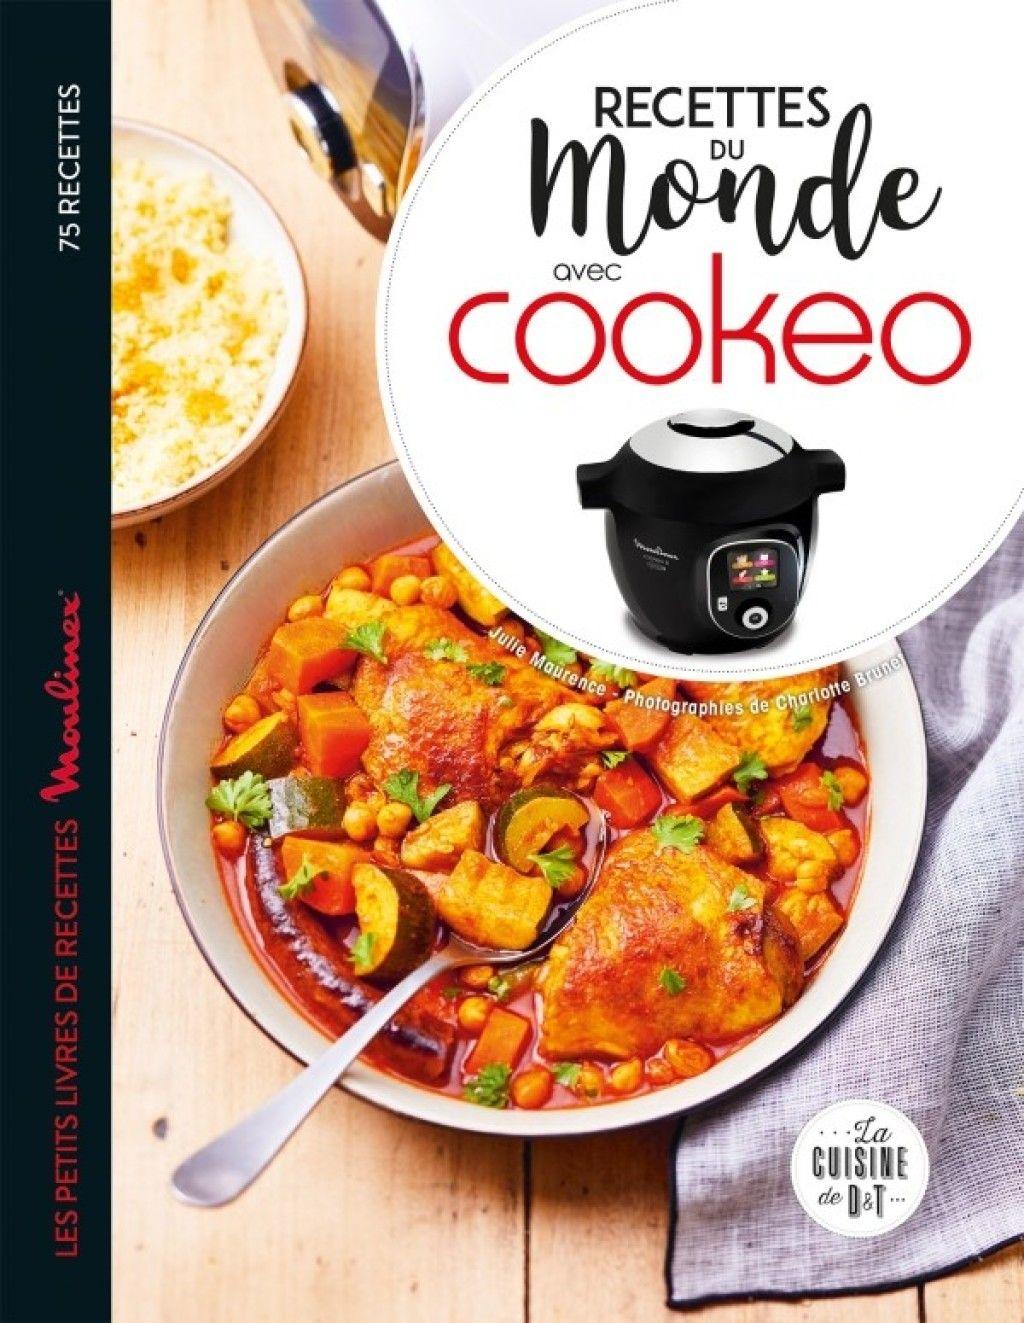 Cookeo Cuisine Du Monde Ebook Recette Du Monde Tajine Agneau Cuisine Du Monde